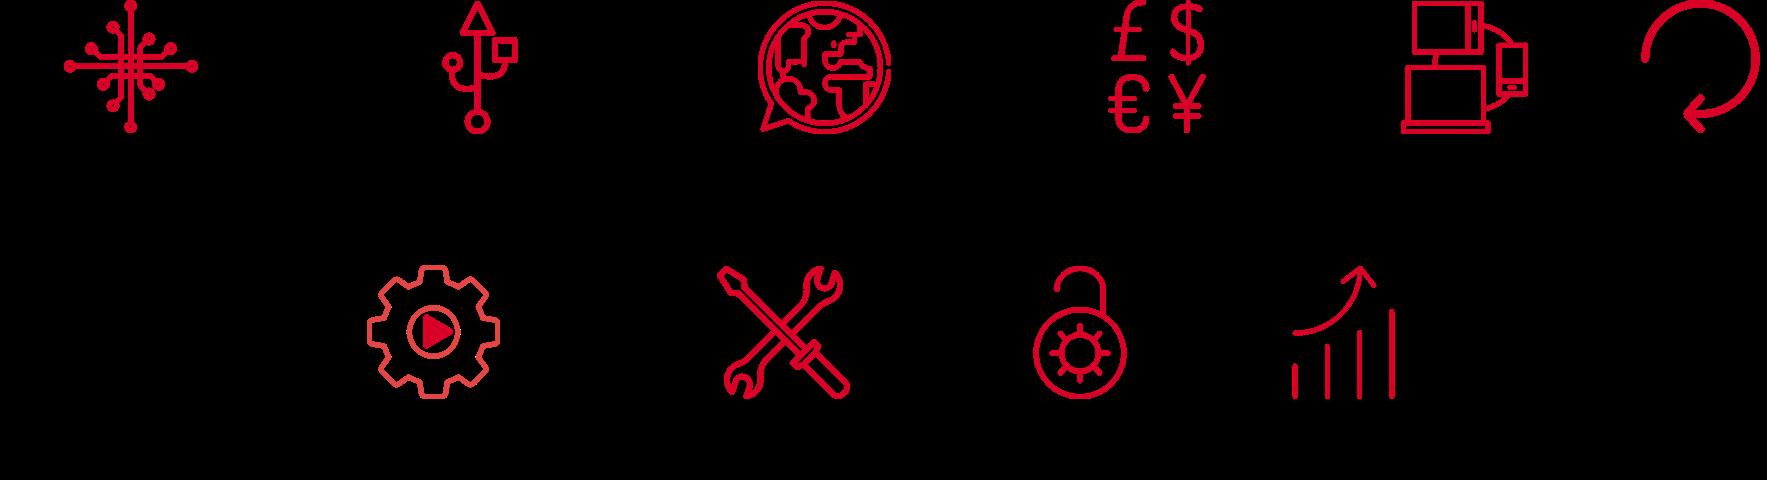 multisources, multilangues, multidevises, multisystèmes, multicanal, agile, automatisation, personnalisation, flexibilité, productivité